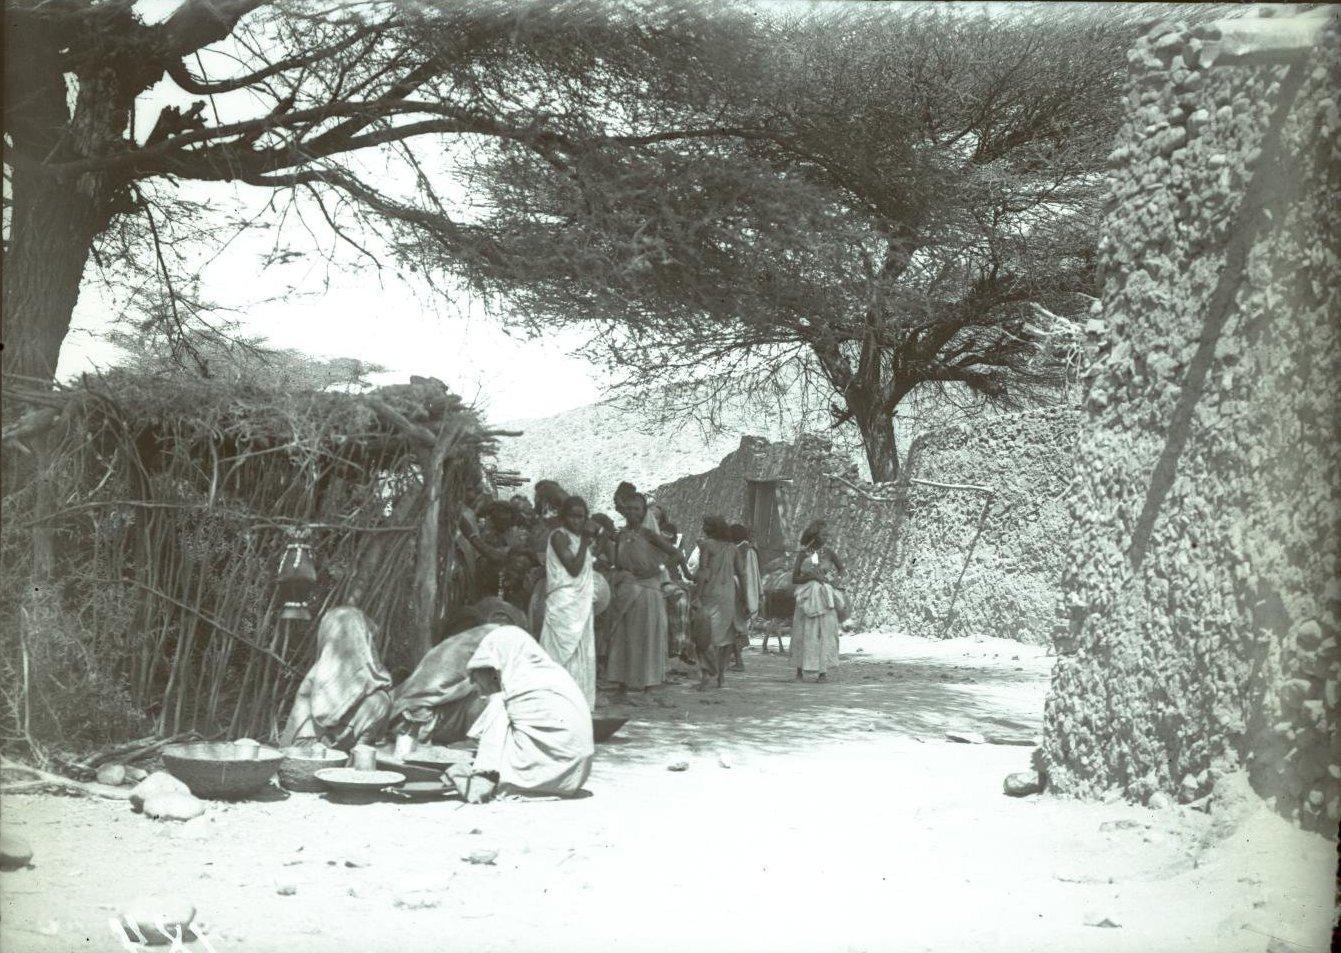 184. 1899. Абиссиния. Гильдесса. Уголок на базаре